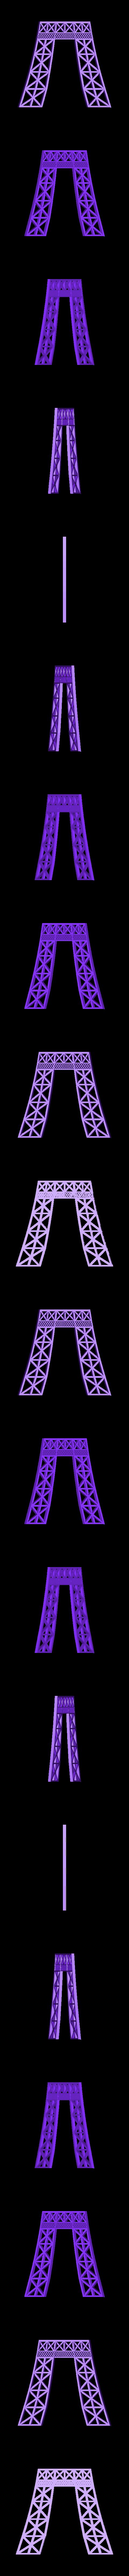 Eiffel_twr_D.stl Download free STL file Eiffel Tower HD • 3D print model, Ogubal3D